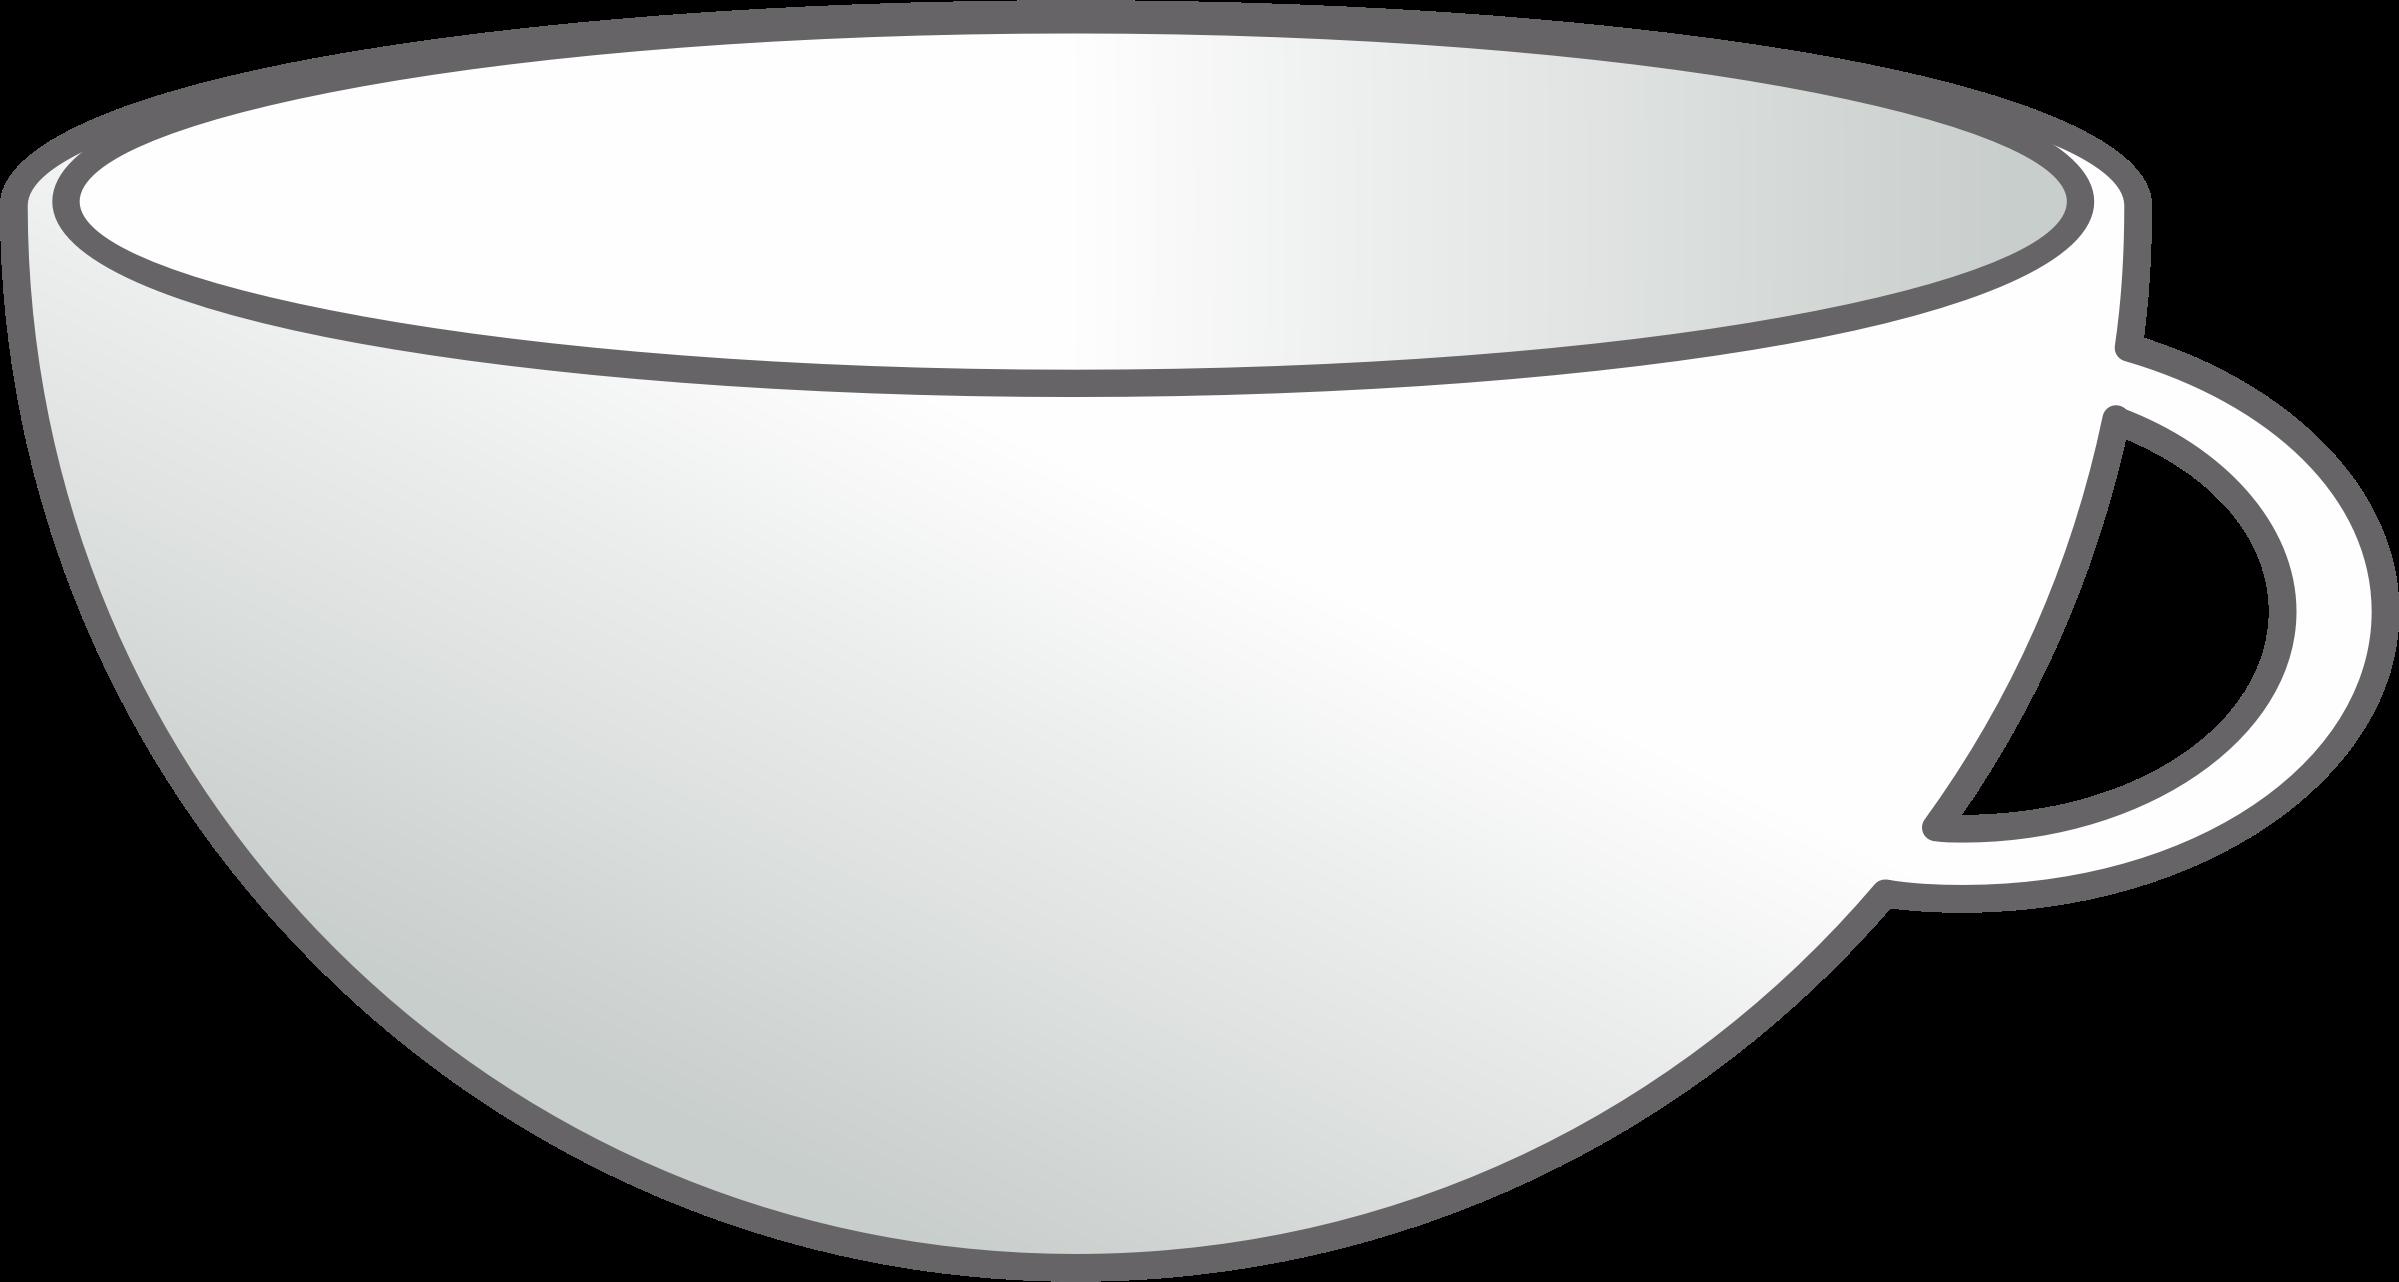 Clipart tea cup